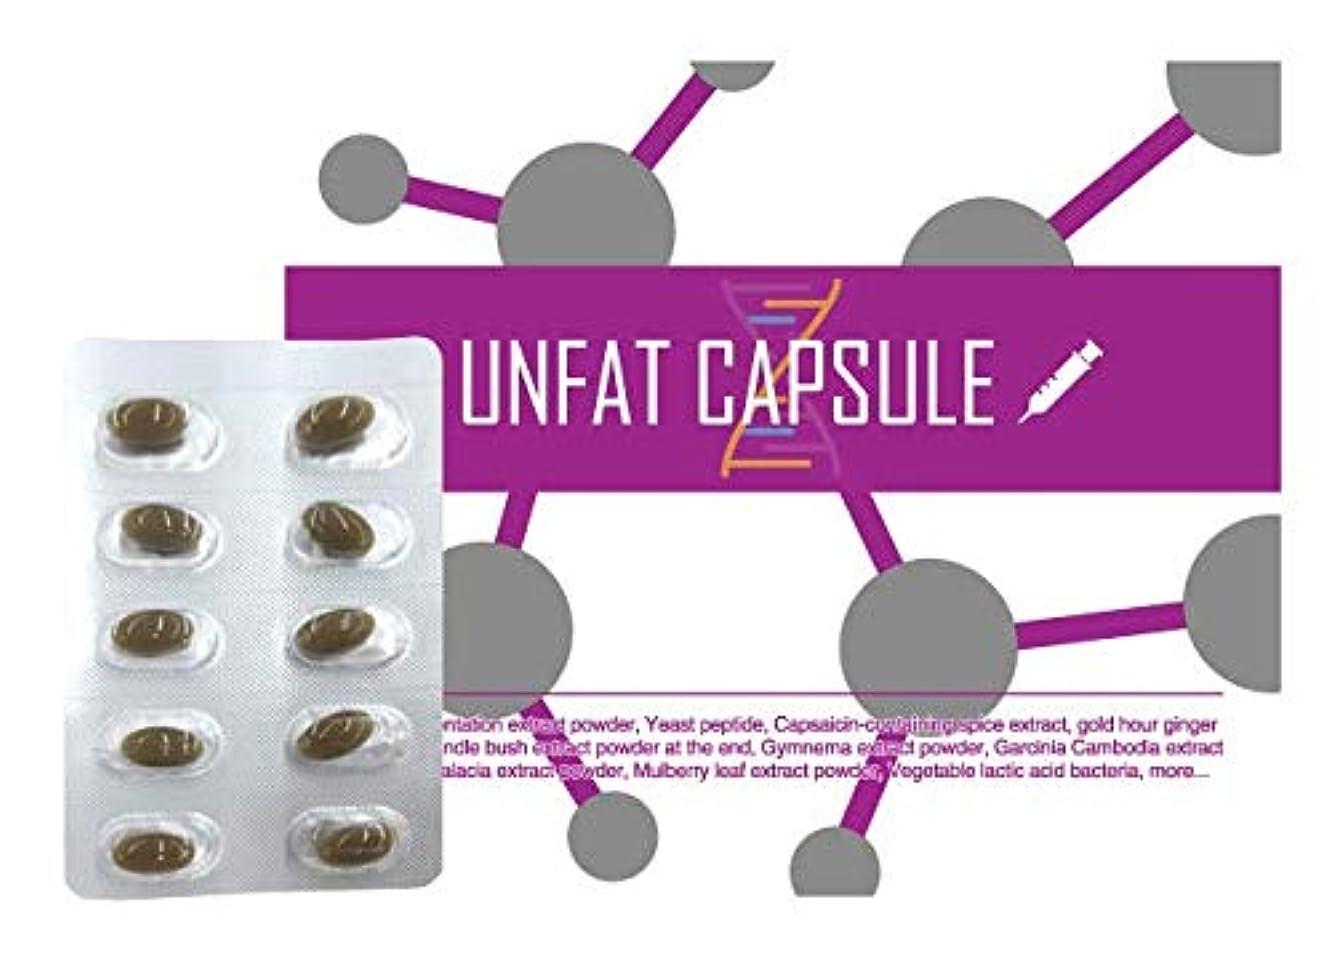 ために岩宣教師アンファットカプセル (1) / サプリメント ビタミンC アルギニン 栄養補助食品